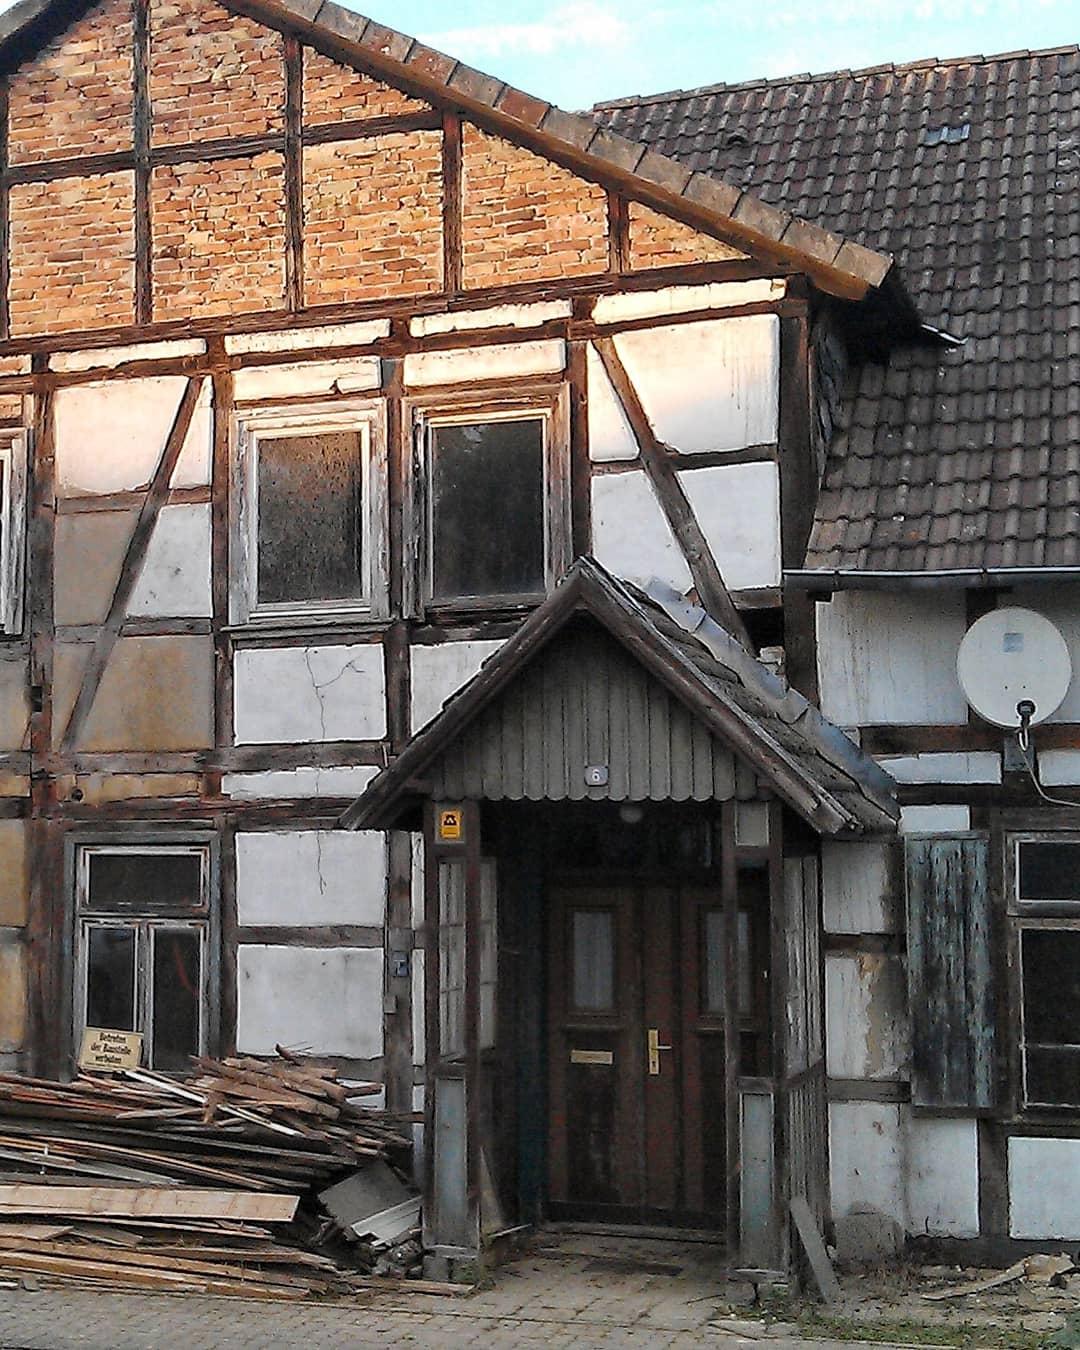 inspirationen desmondo homestory aus ruine wird traumhaus